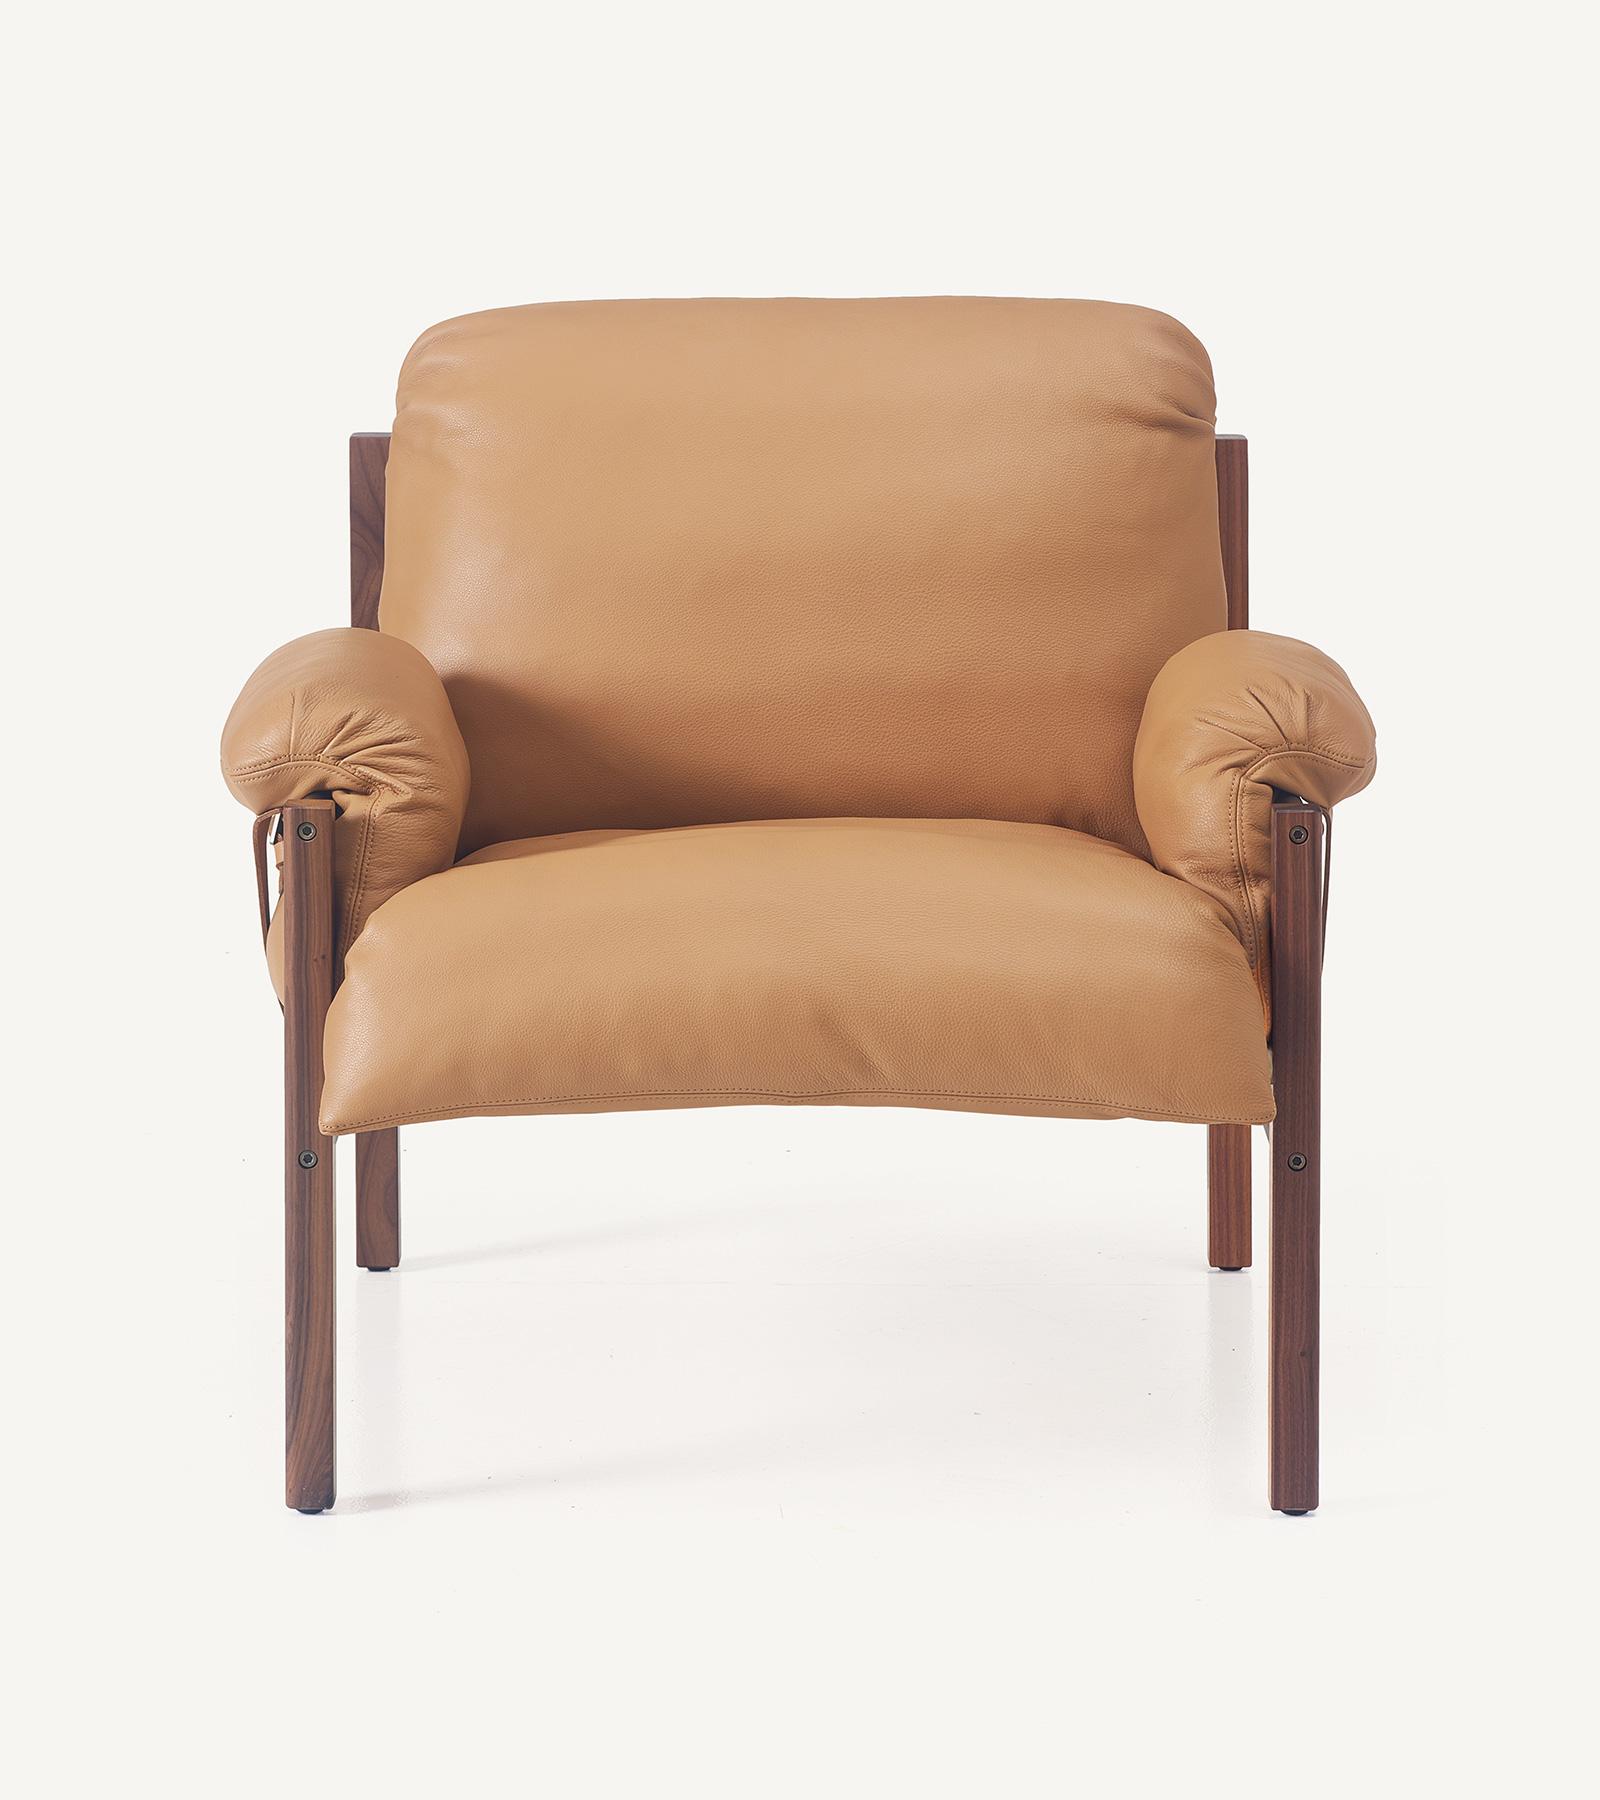 TinnappleMetz-bassamfellows-Sling-Club-Chair-06